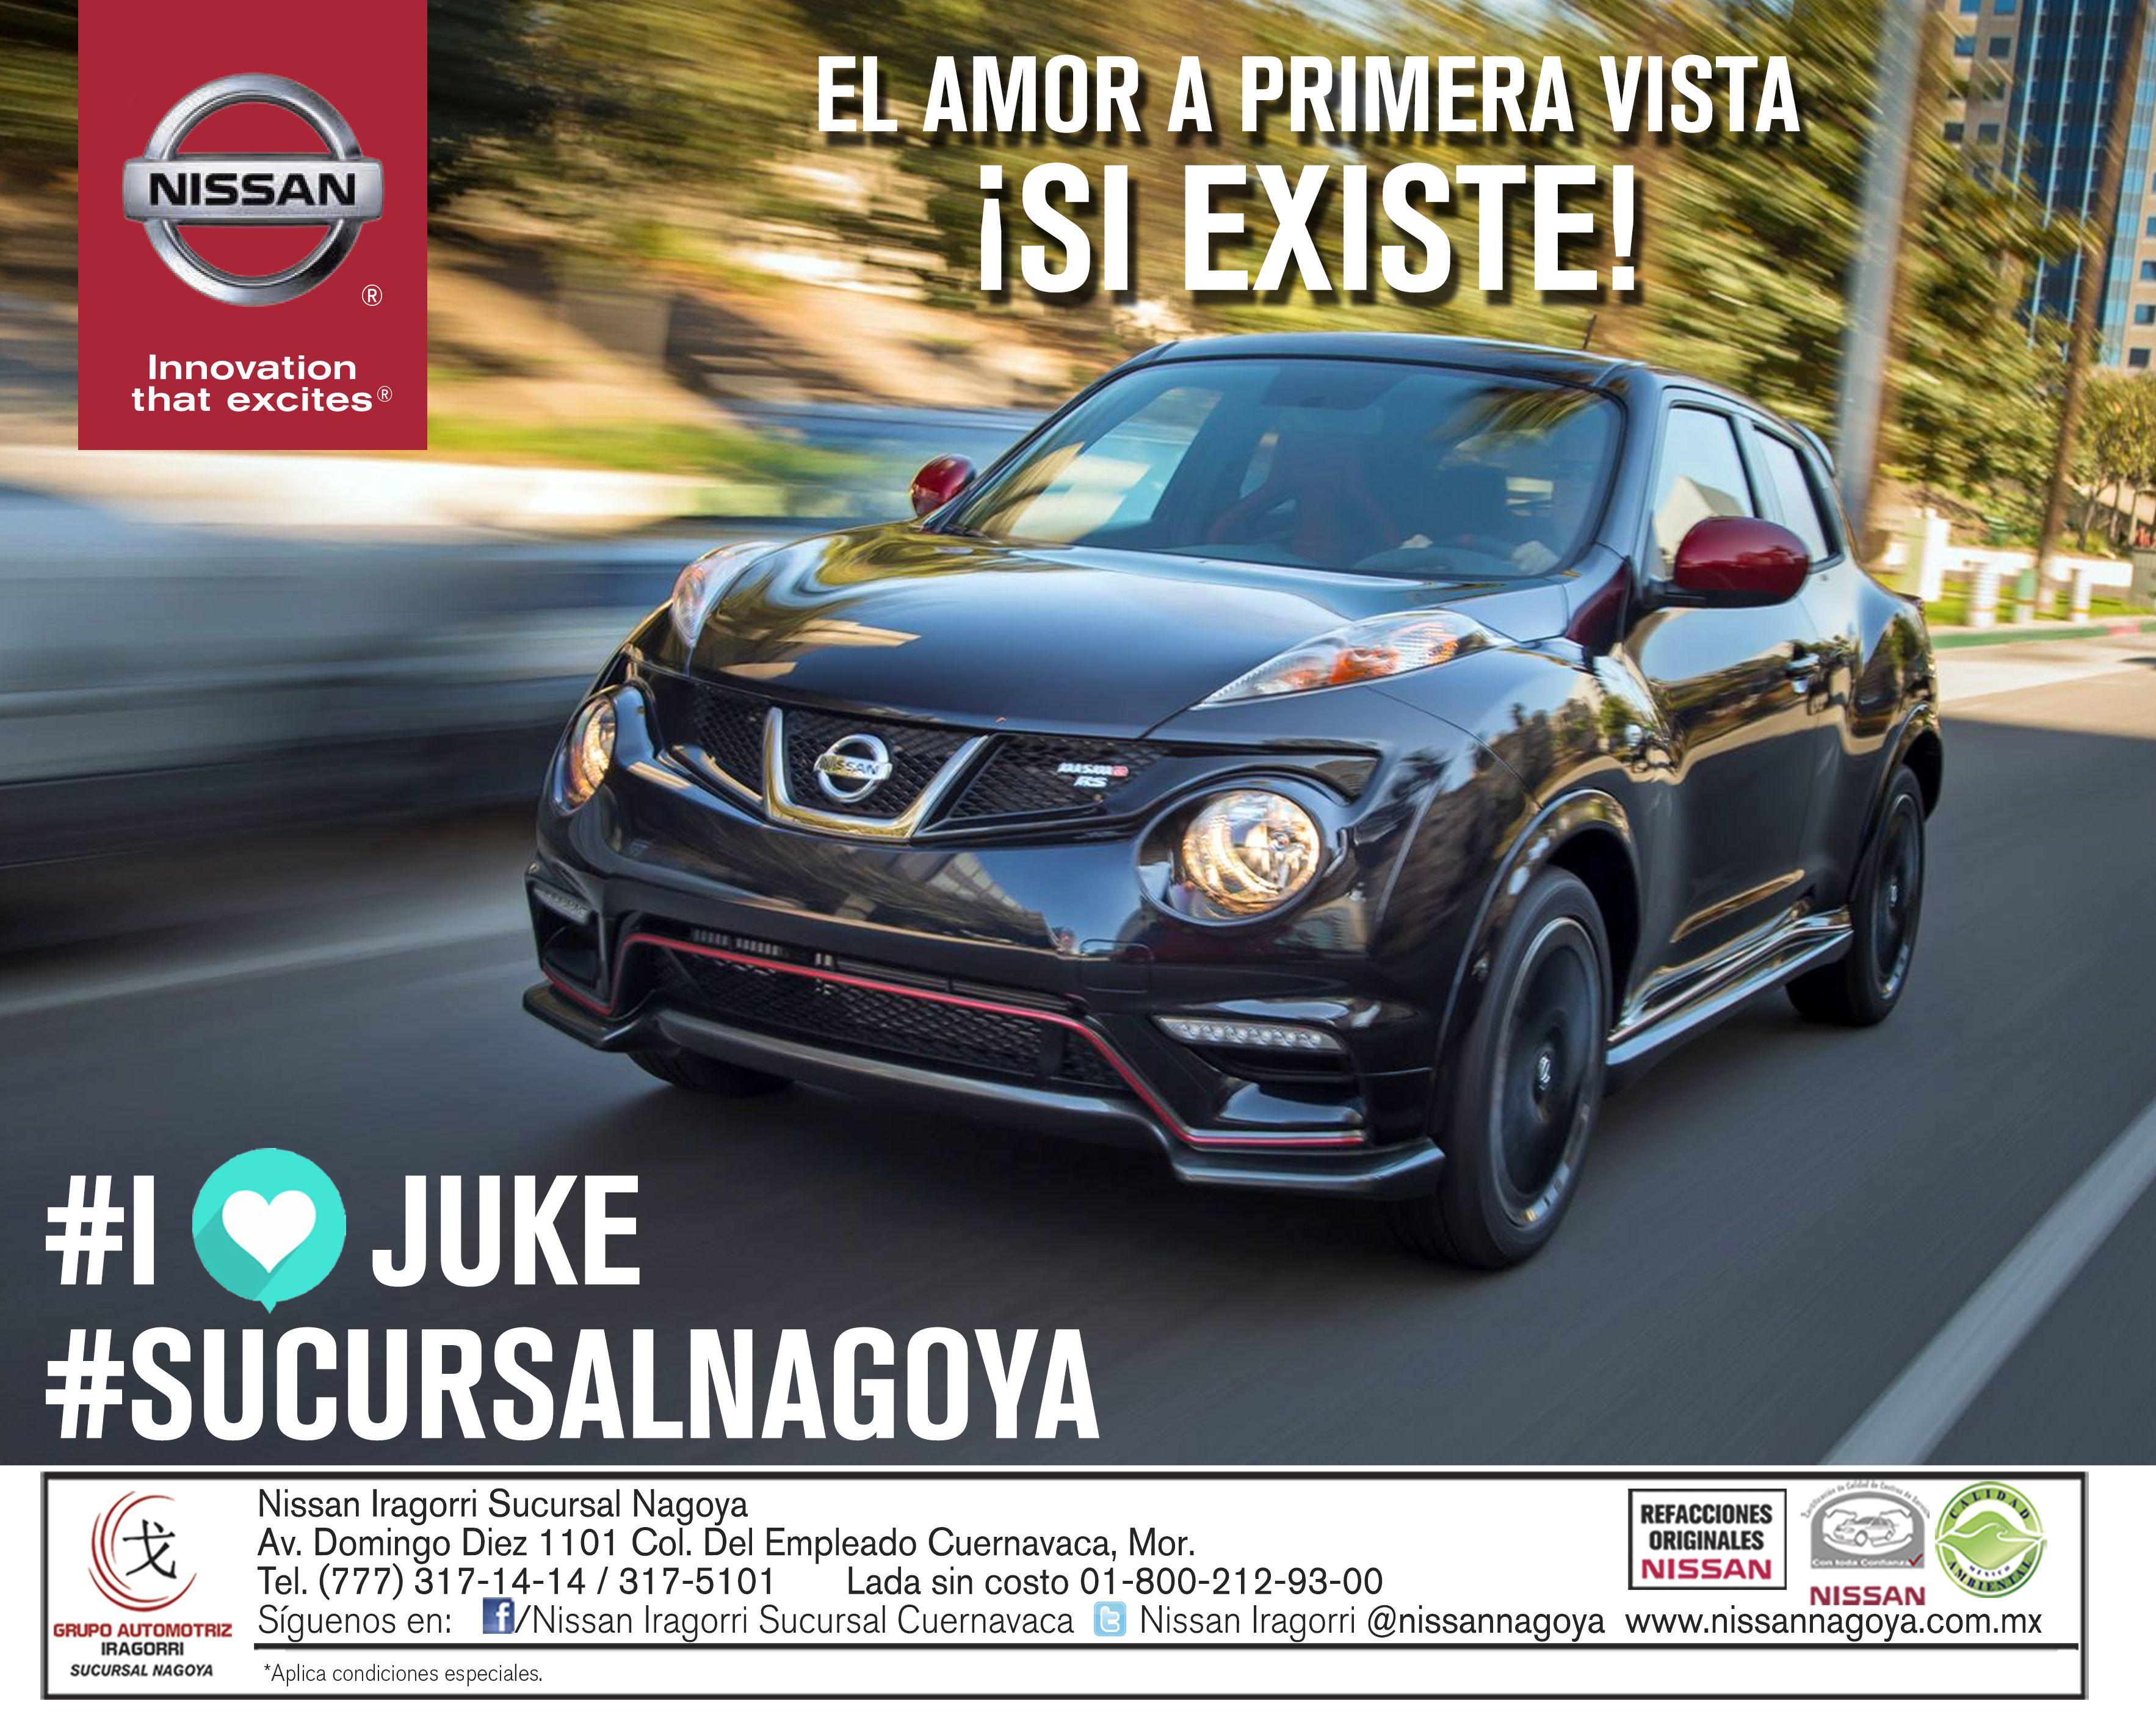 Nissan JUKE. Disponible en #SucursalNagoya Cuernavaca.